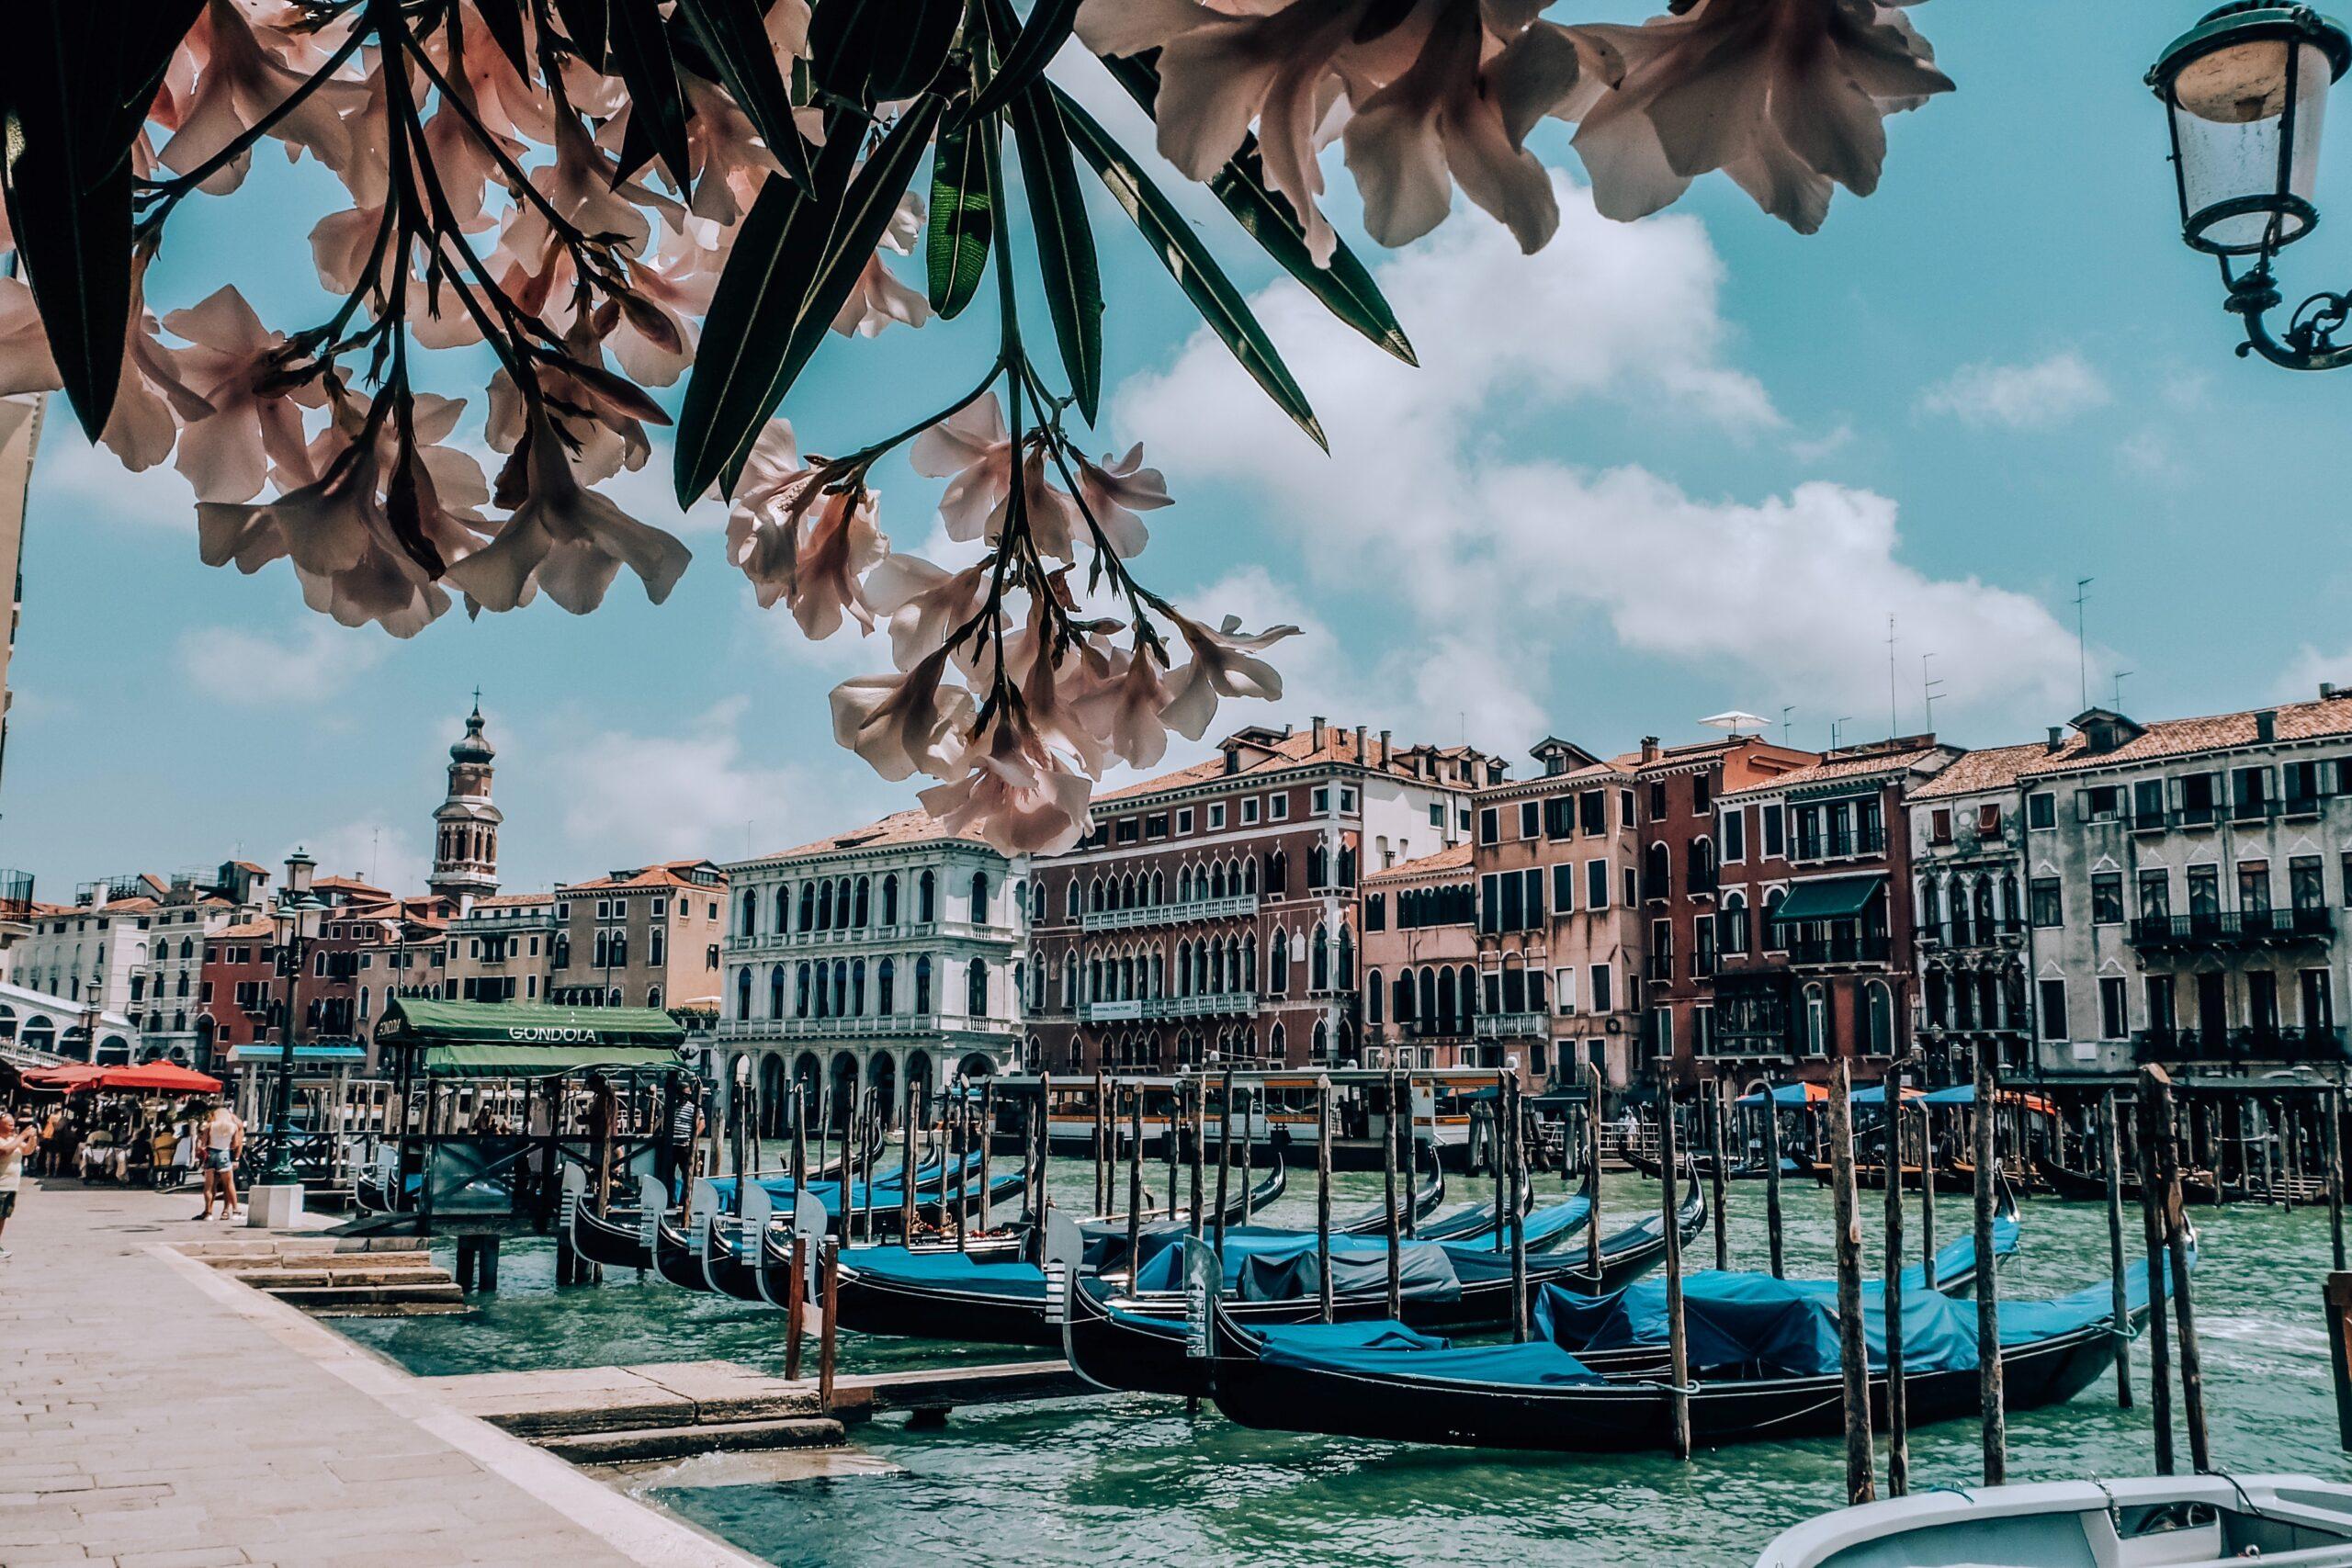 Il turismo di Venezia riparte dai giovani